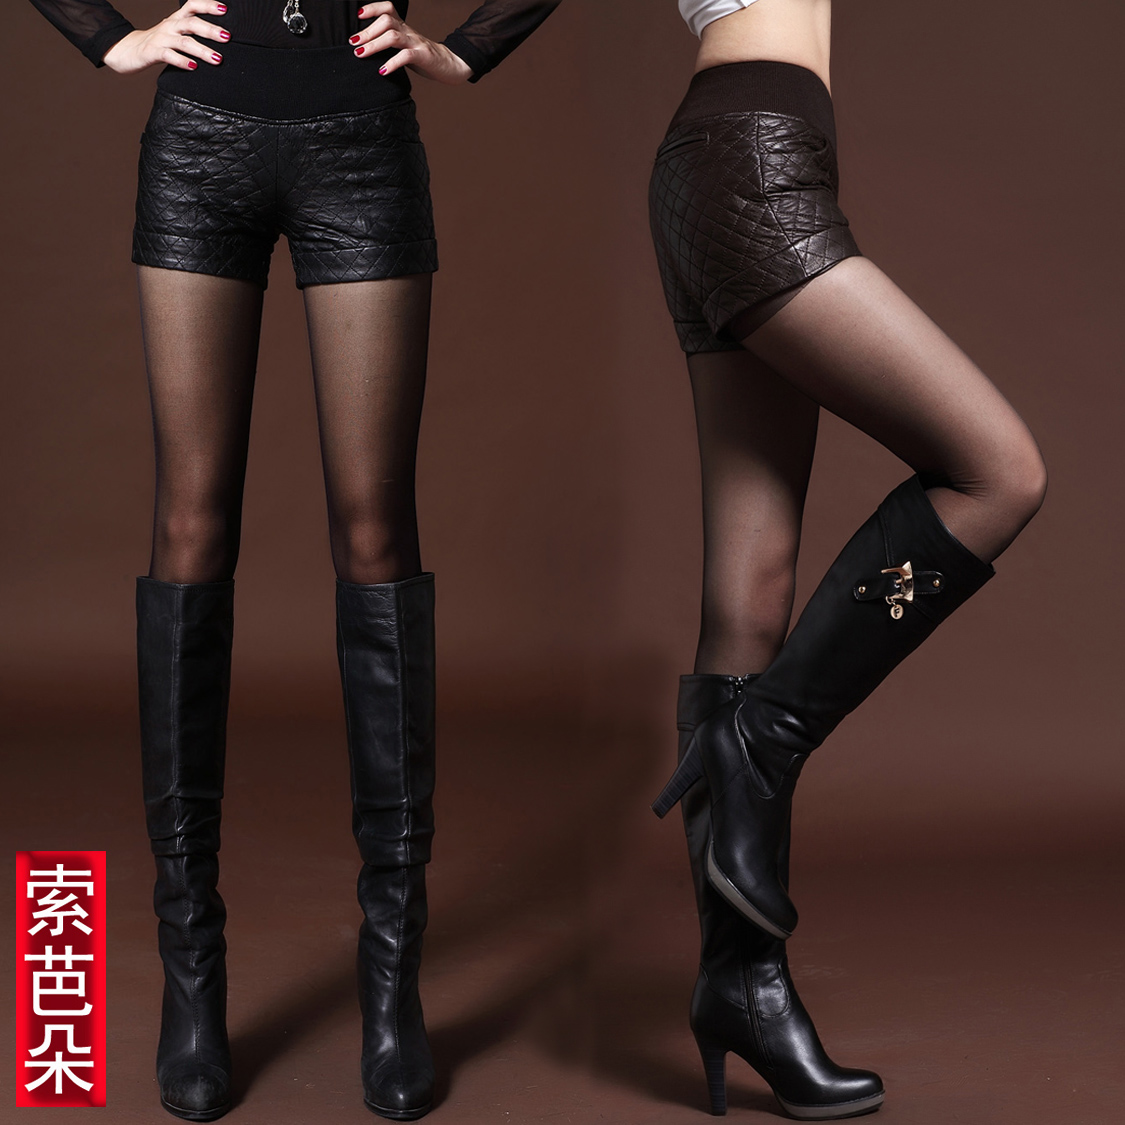 海宁2013时尚女修身皮短裤 绵羊皮热裤 特大号皮裤 真皮短裤 价格:229.00